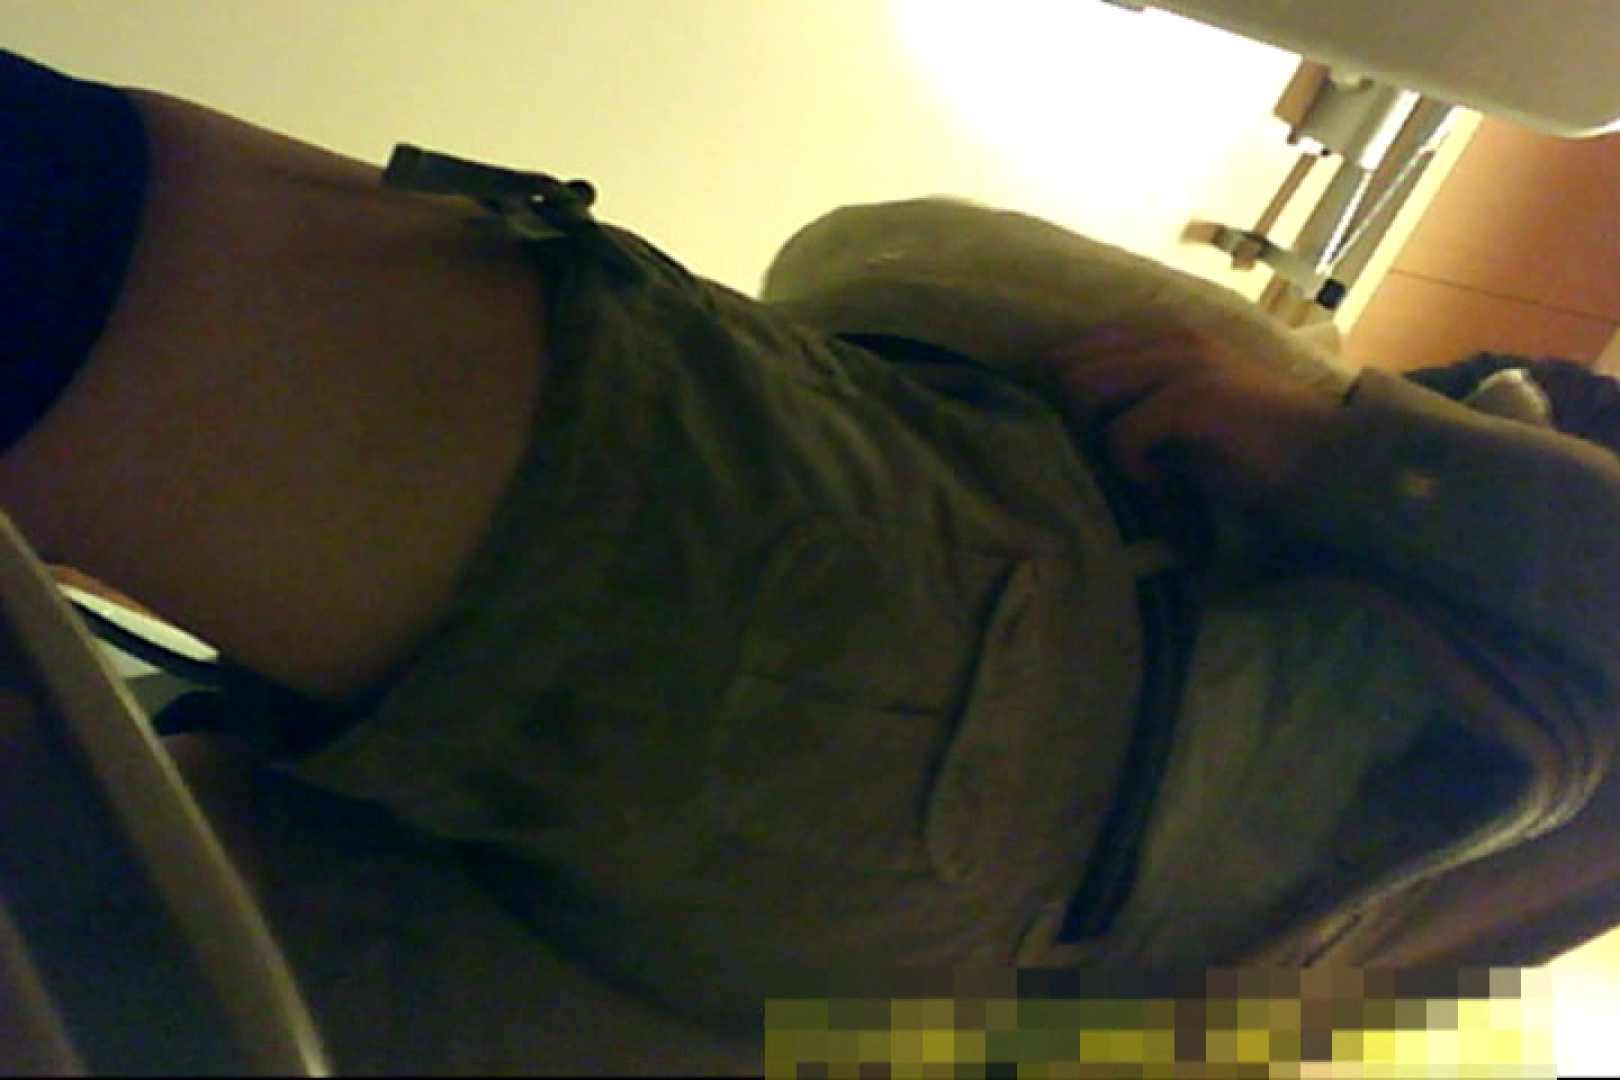 魅惑の化粧室~禁断のプライベート空間~22 チラ セックス無修正動画無料 106連発 82